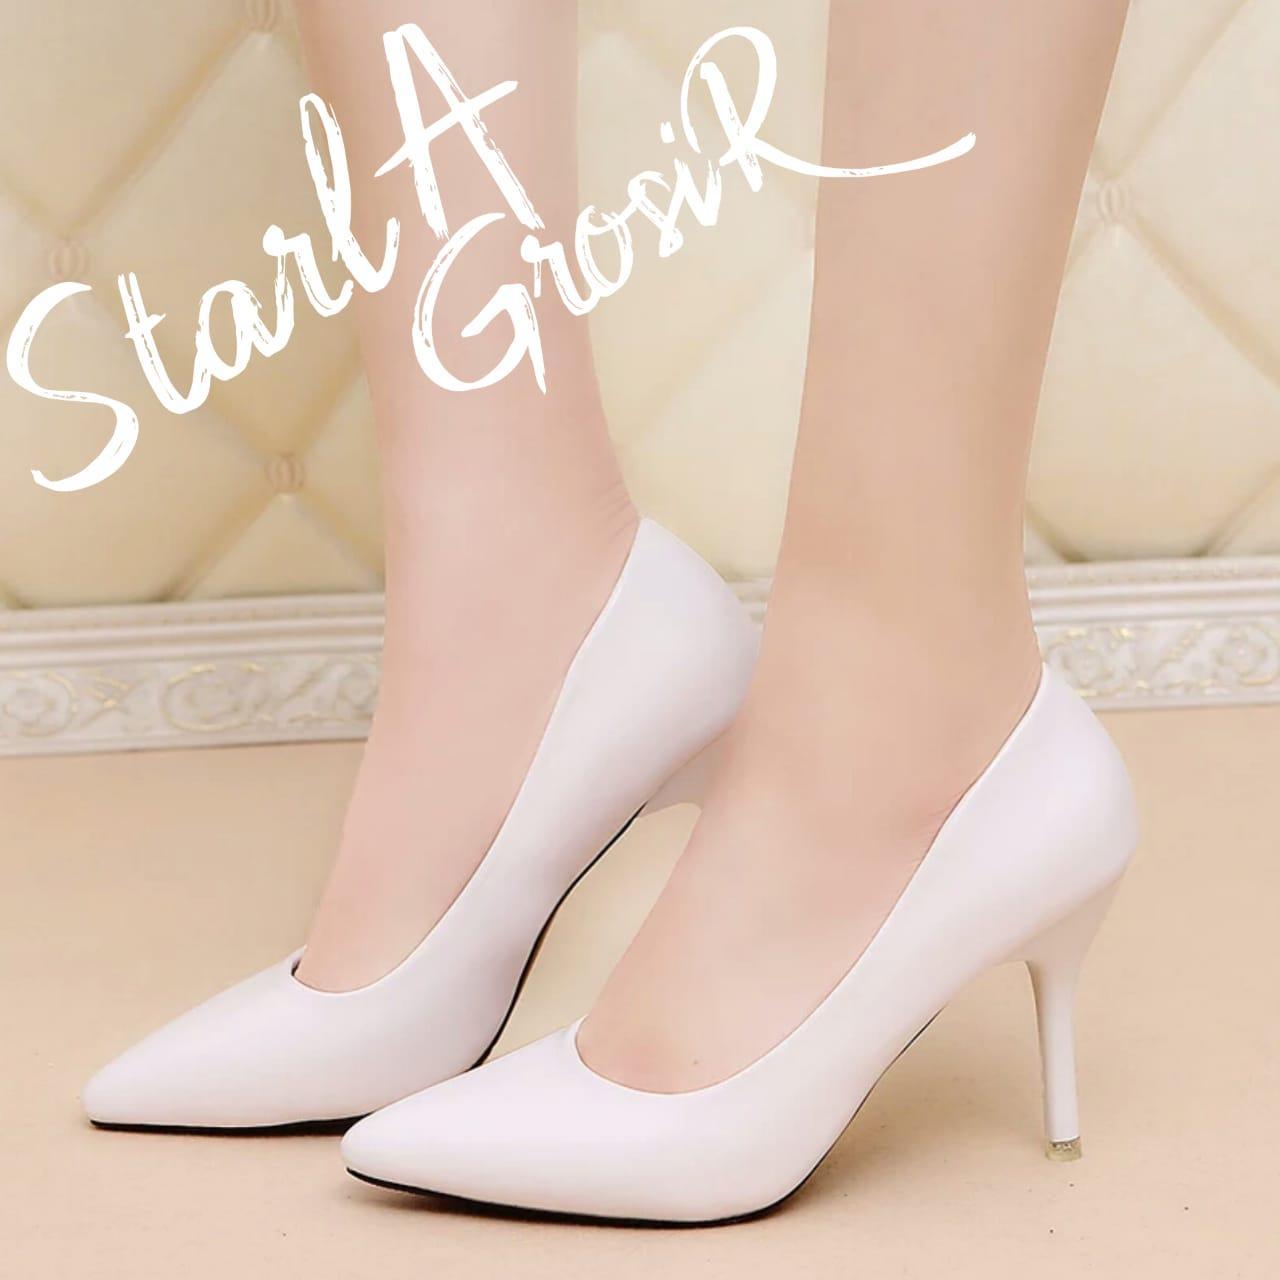 Starla- AC.02 Vantoufle Cleopatra Heels